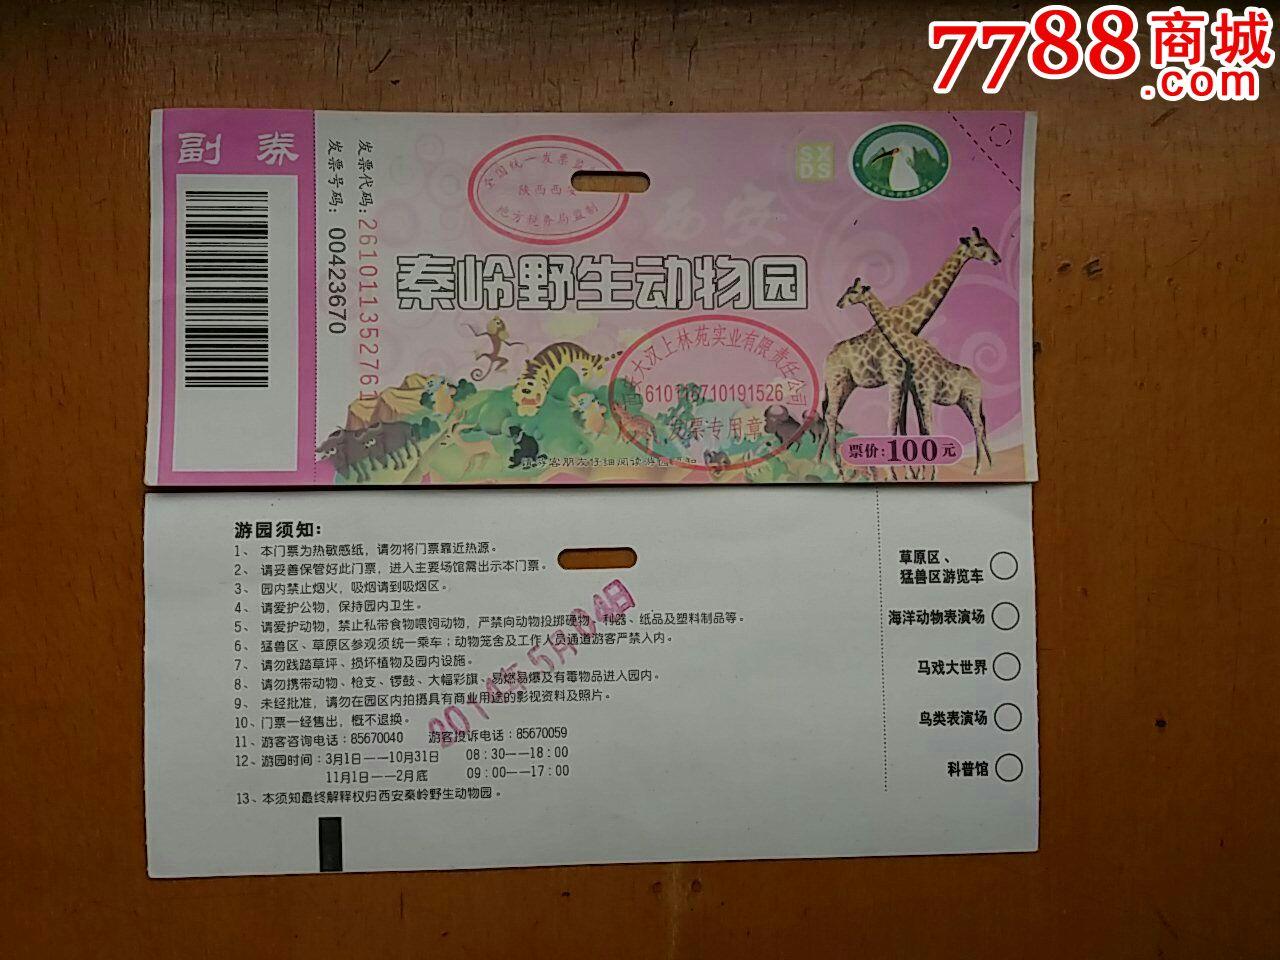 秦岭野生动物园门票-价格:2元-se24100008-旅游景点